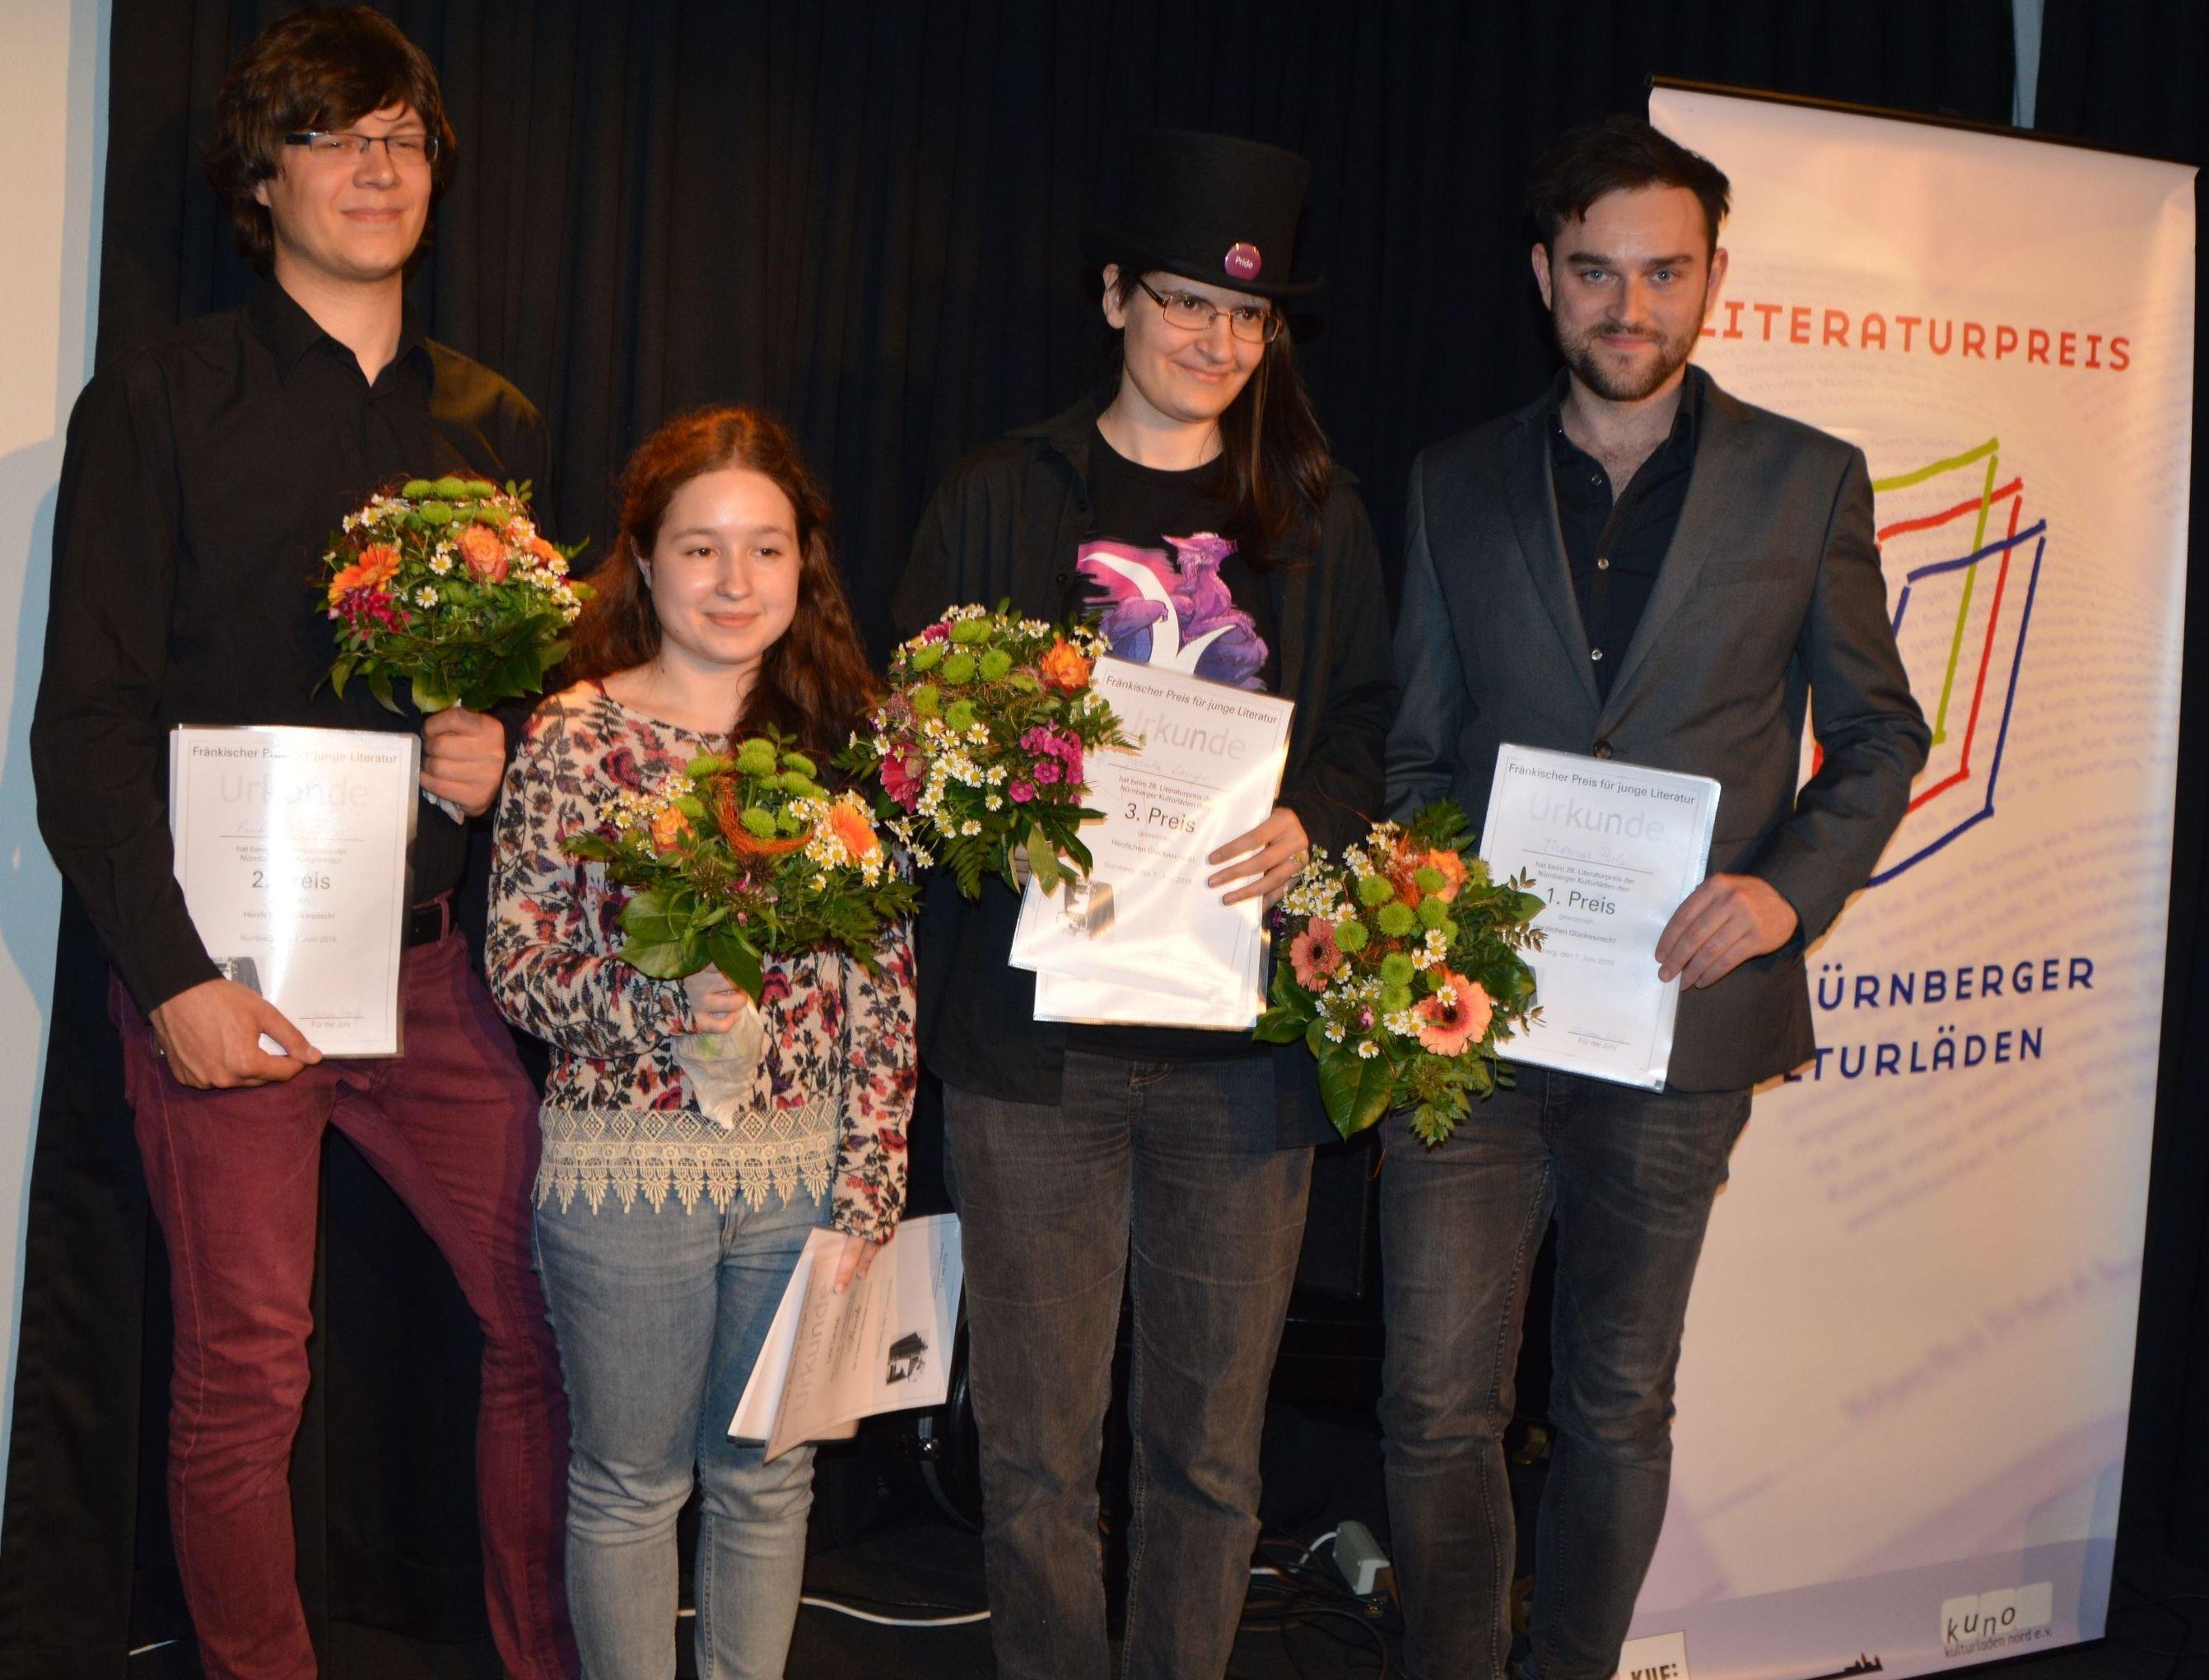 29. Literaturpreis der Nürnberger Kulturläden - © Hans-Jürgen Vogt